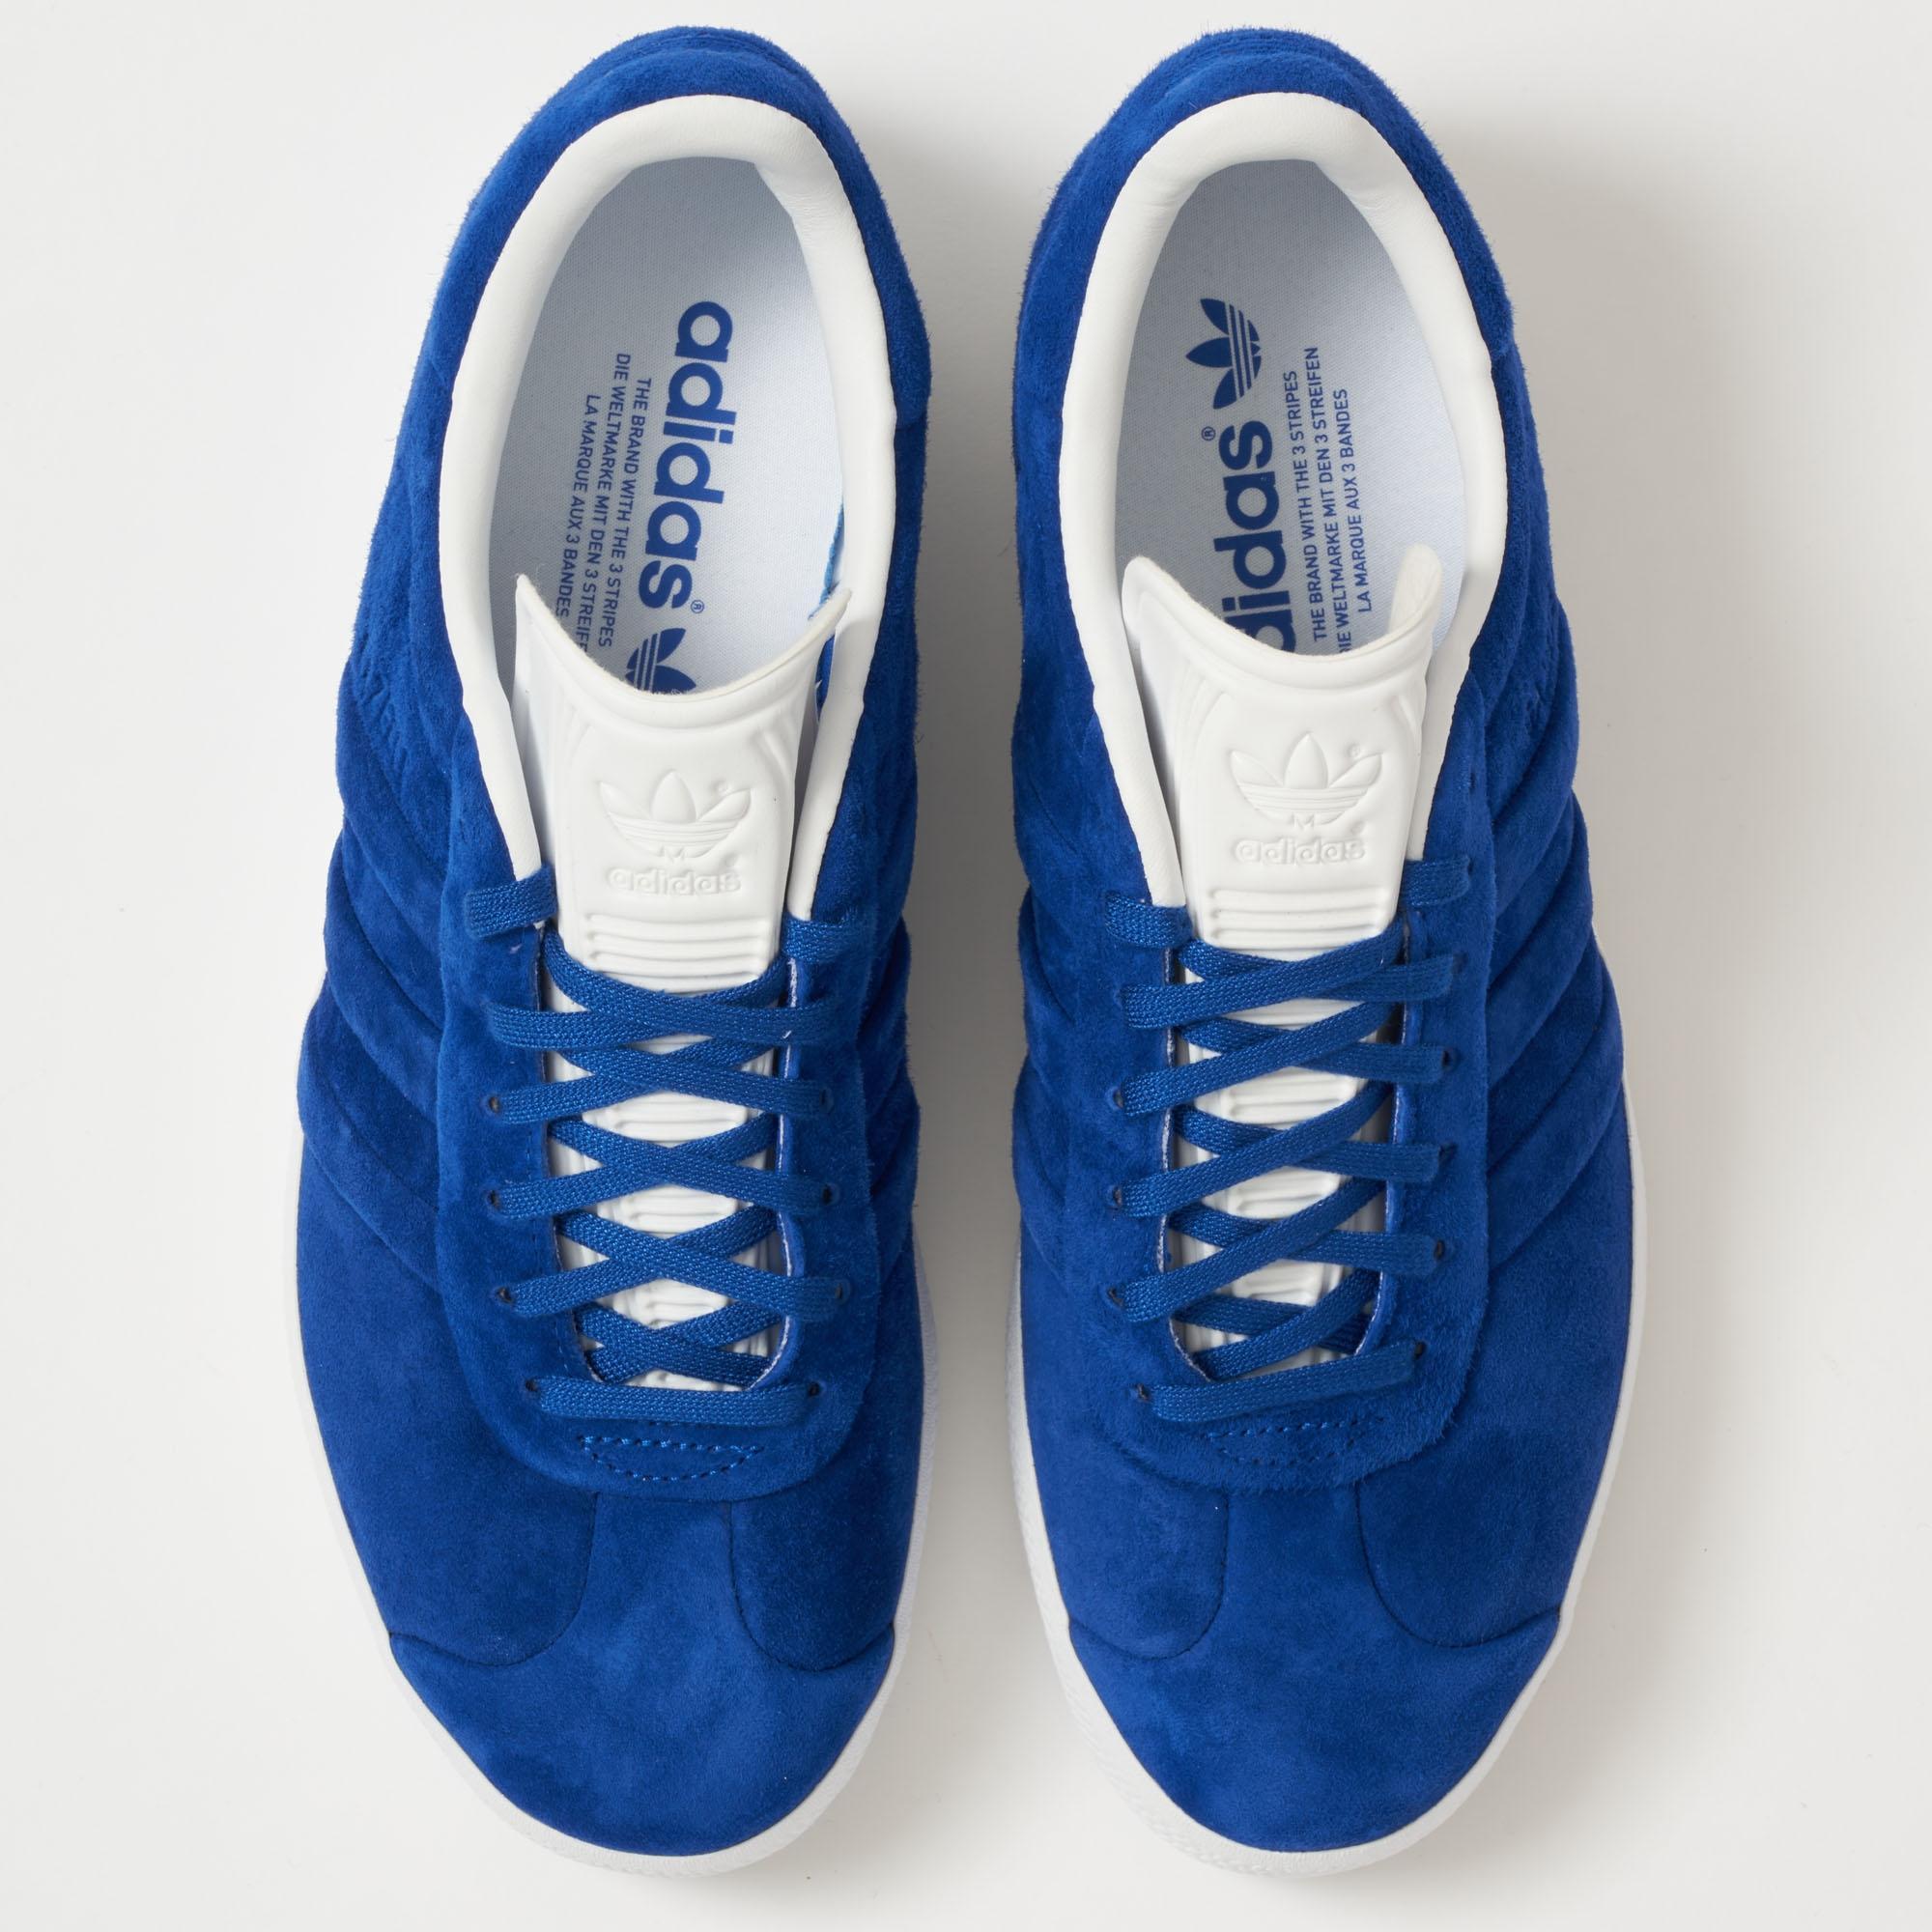 02455b0f8ec79 Lyst - adidas Originals Gazelle Stitch And Turn - Collegiate Royal ...